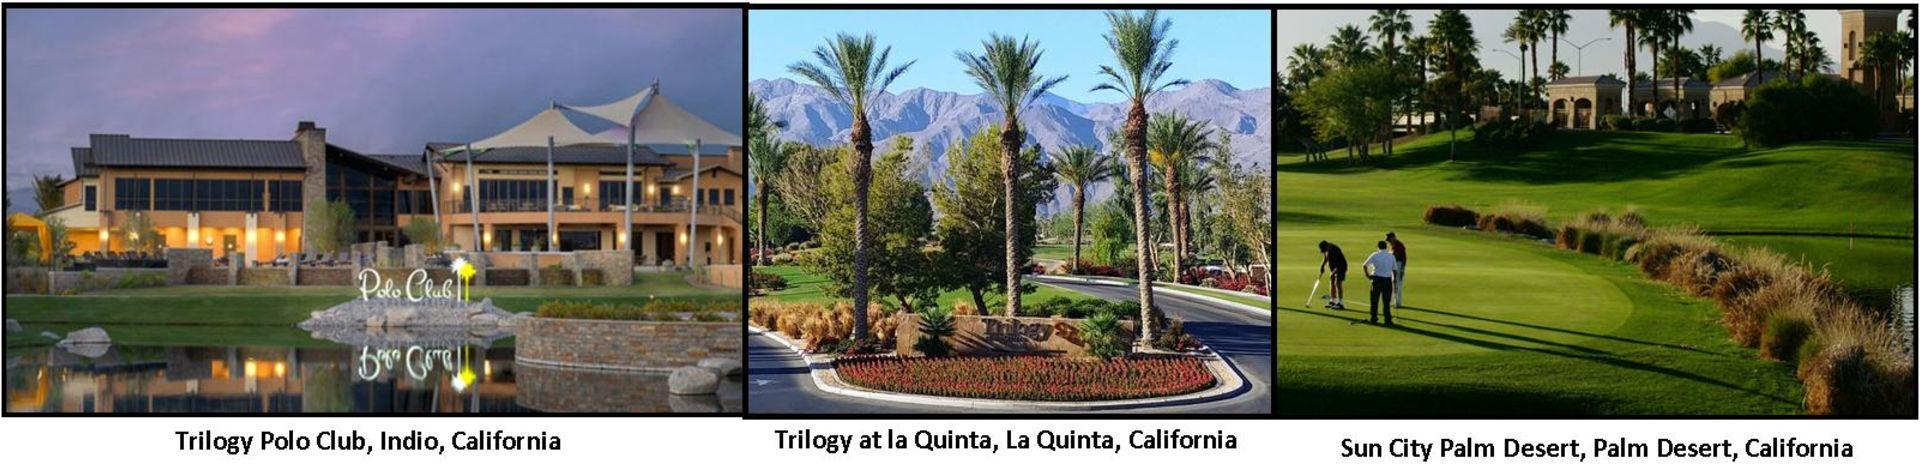 55+ Communities Market Report-Trilogy La Quinta, Polo Club, Sun City Palm Desert